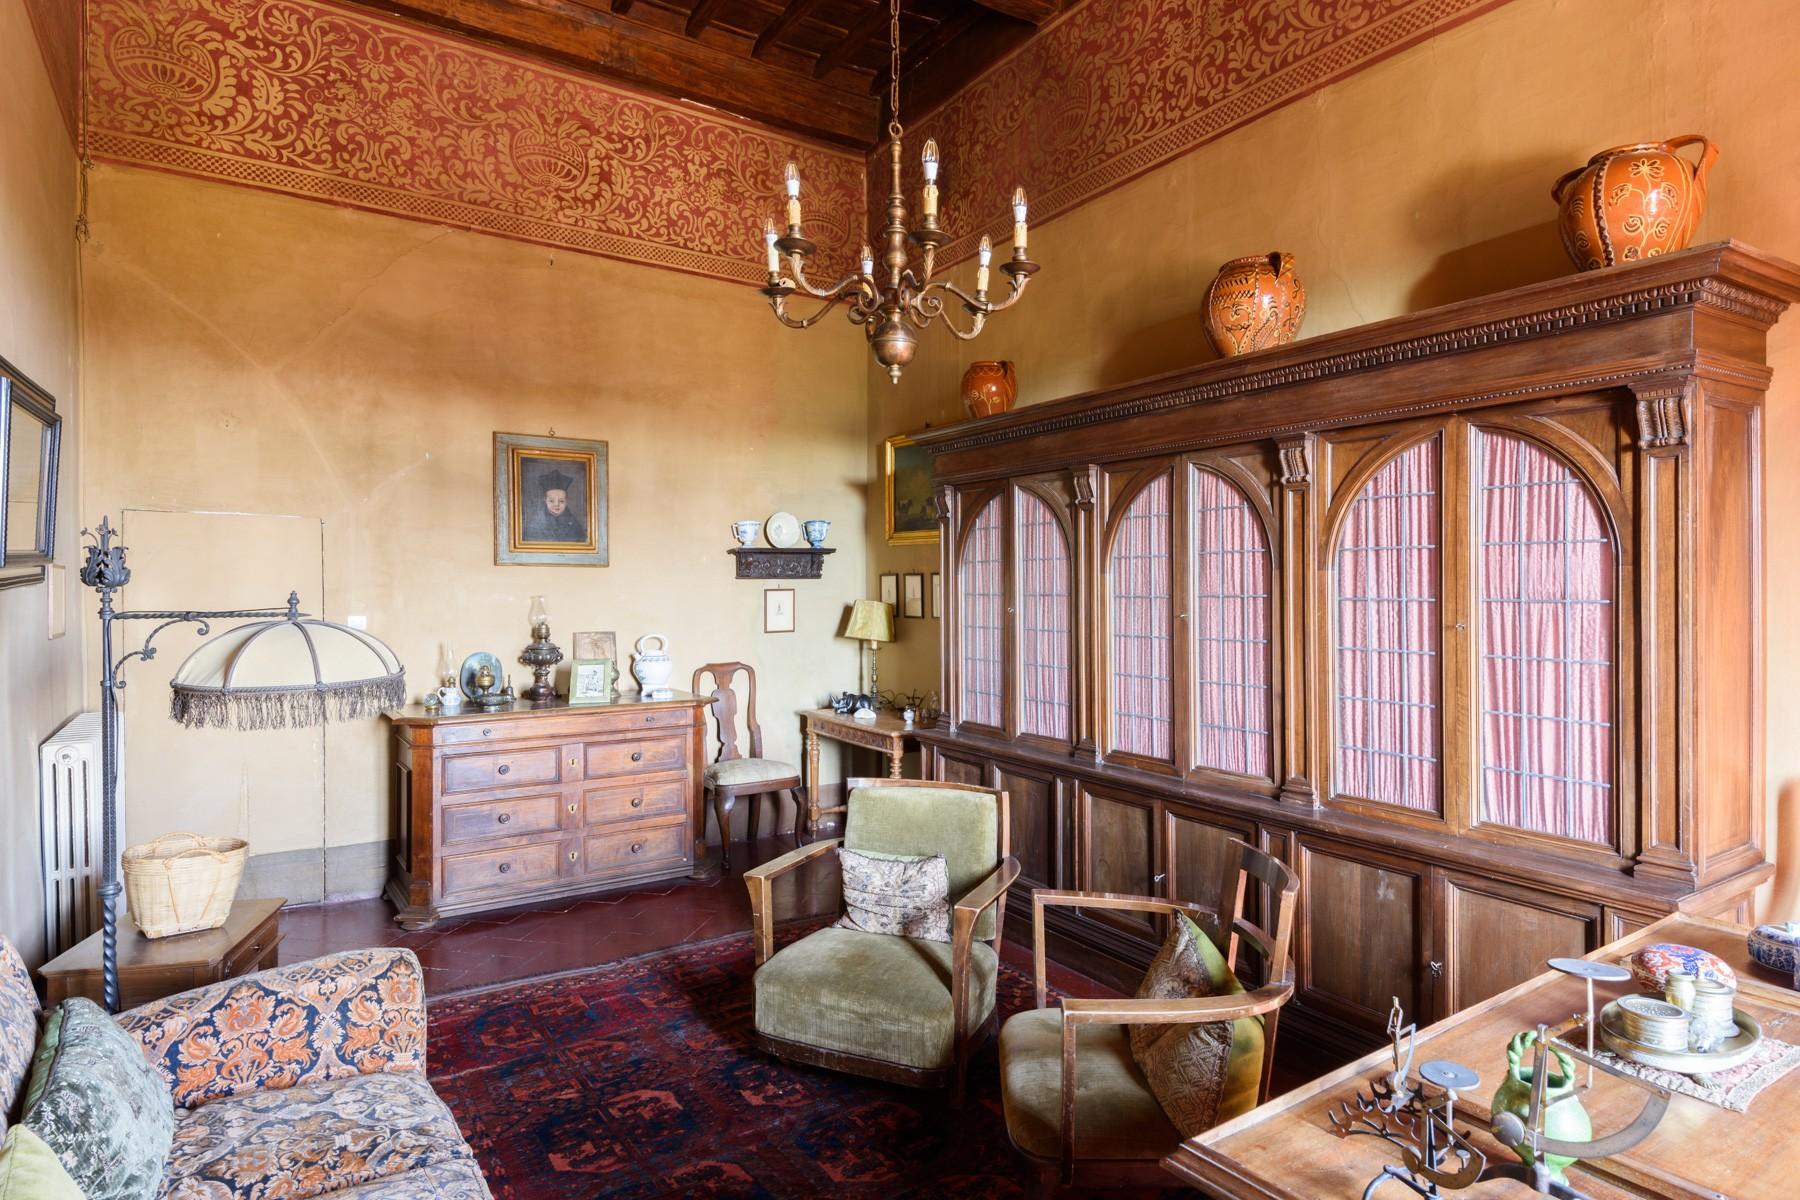 Villa in Vendita a Montaione: 5 locali, 15655 mq - Foto 11